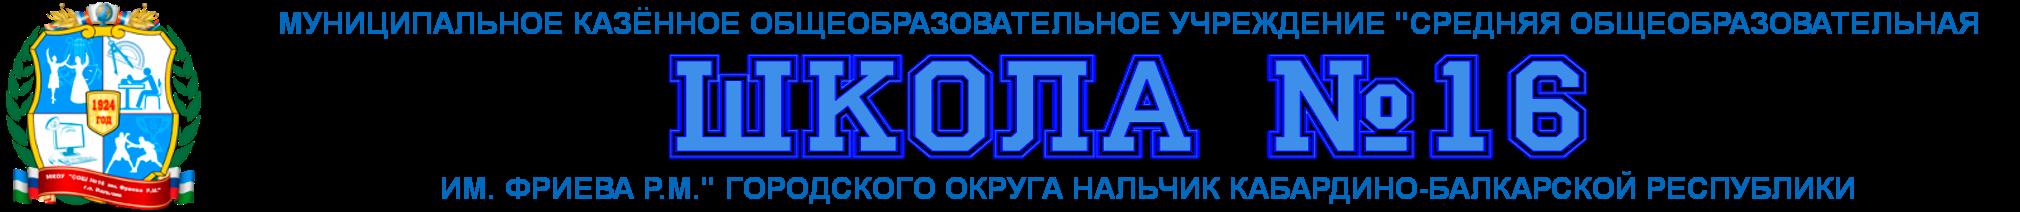 МКОУ «СОШ №16 им. Фриева Р.М.» г.о. Нальчик КБР